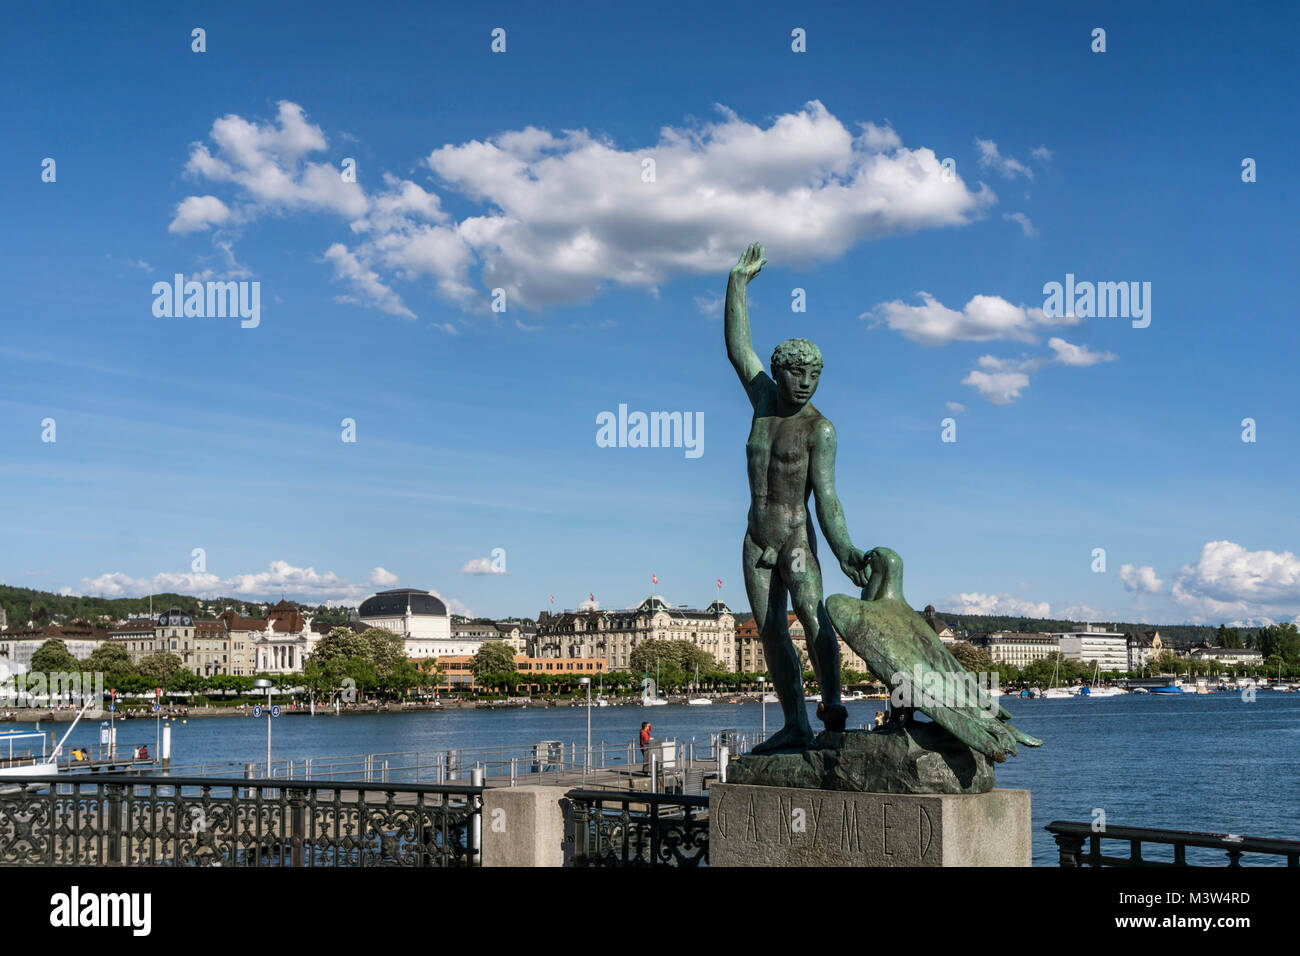 Schweiz Zürich Ganymed statue am Ufer Zürichsee | Schweiz Zürich siehe Ganymed Statue Stockbild